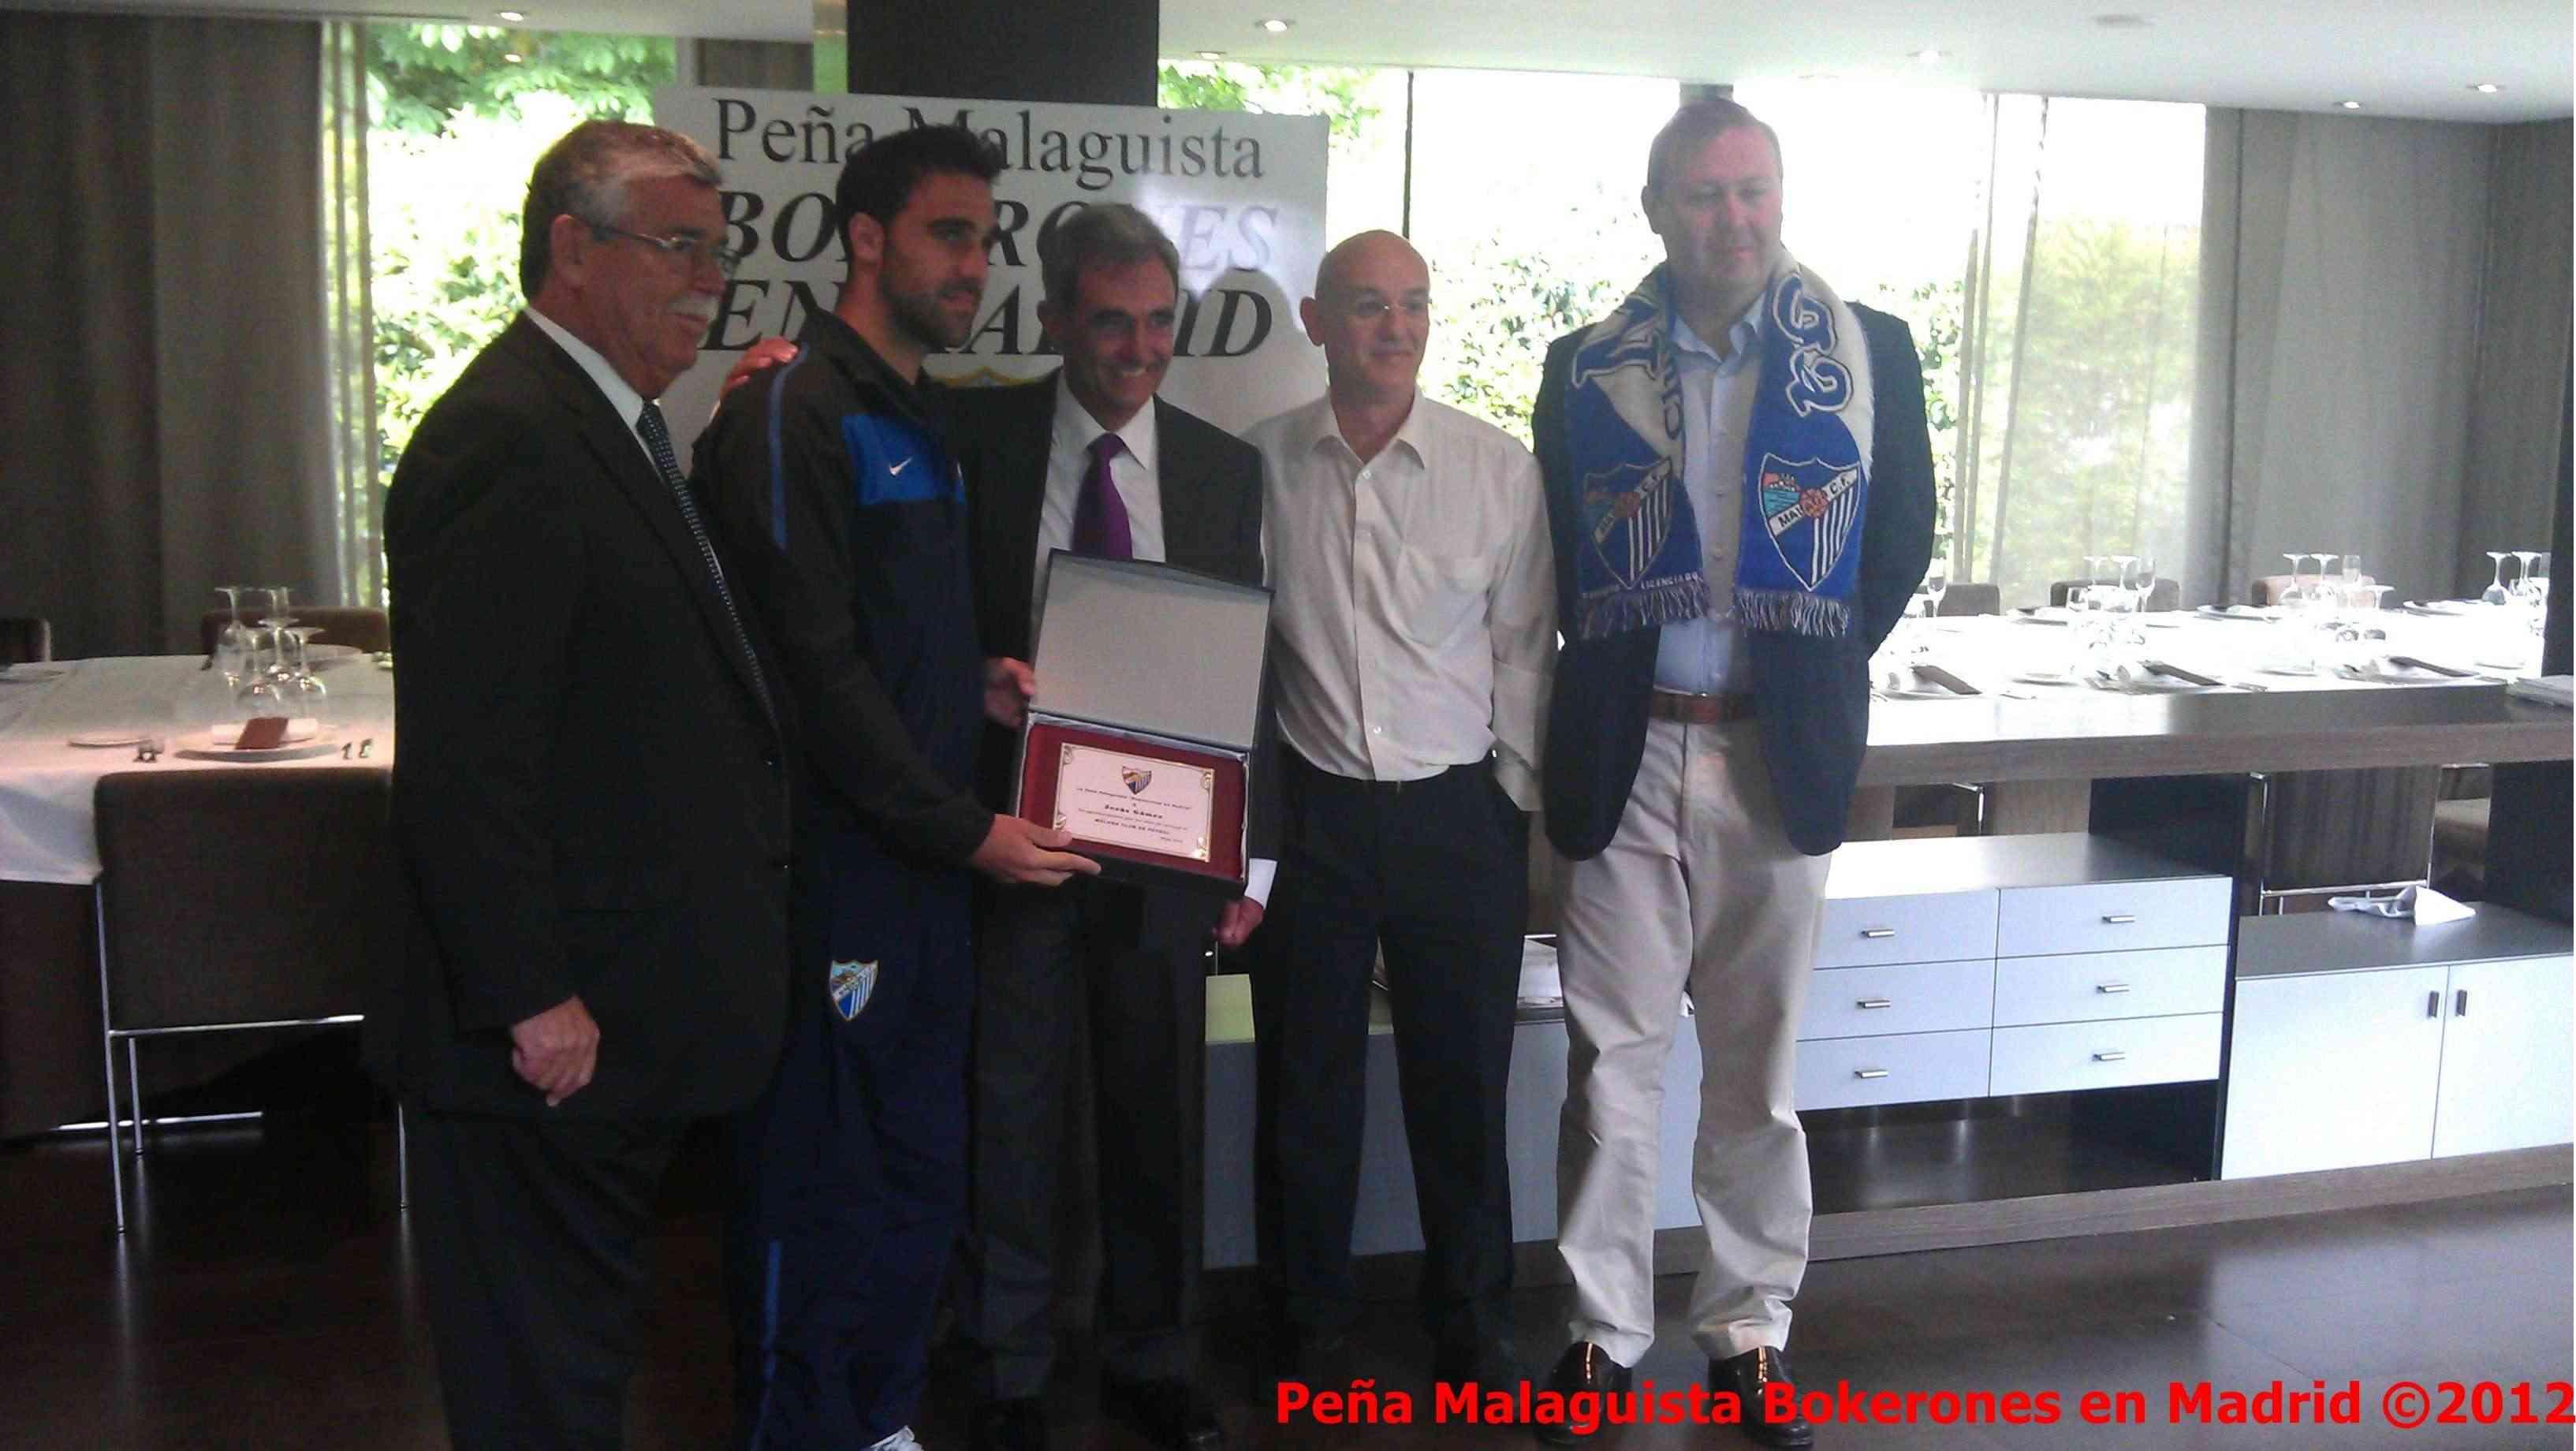 La Peña Malaguista Bokerones en Madrid entregará placa a Jesús Gamez Actobe14